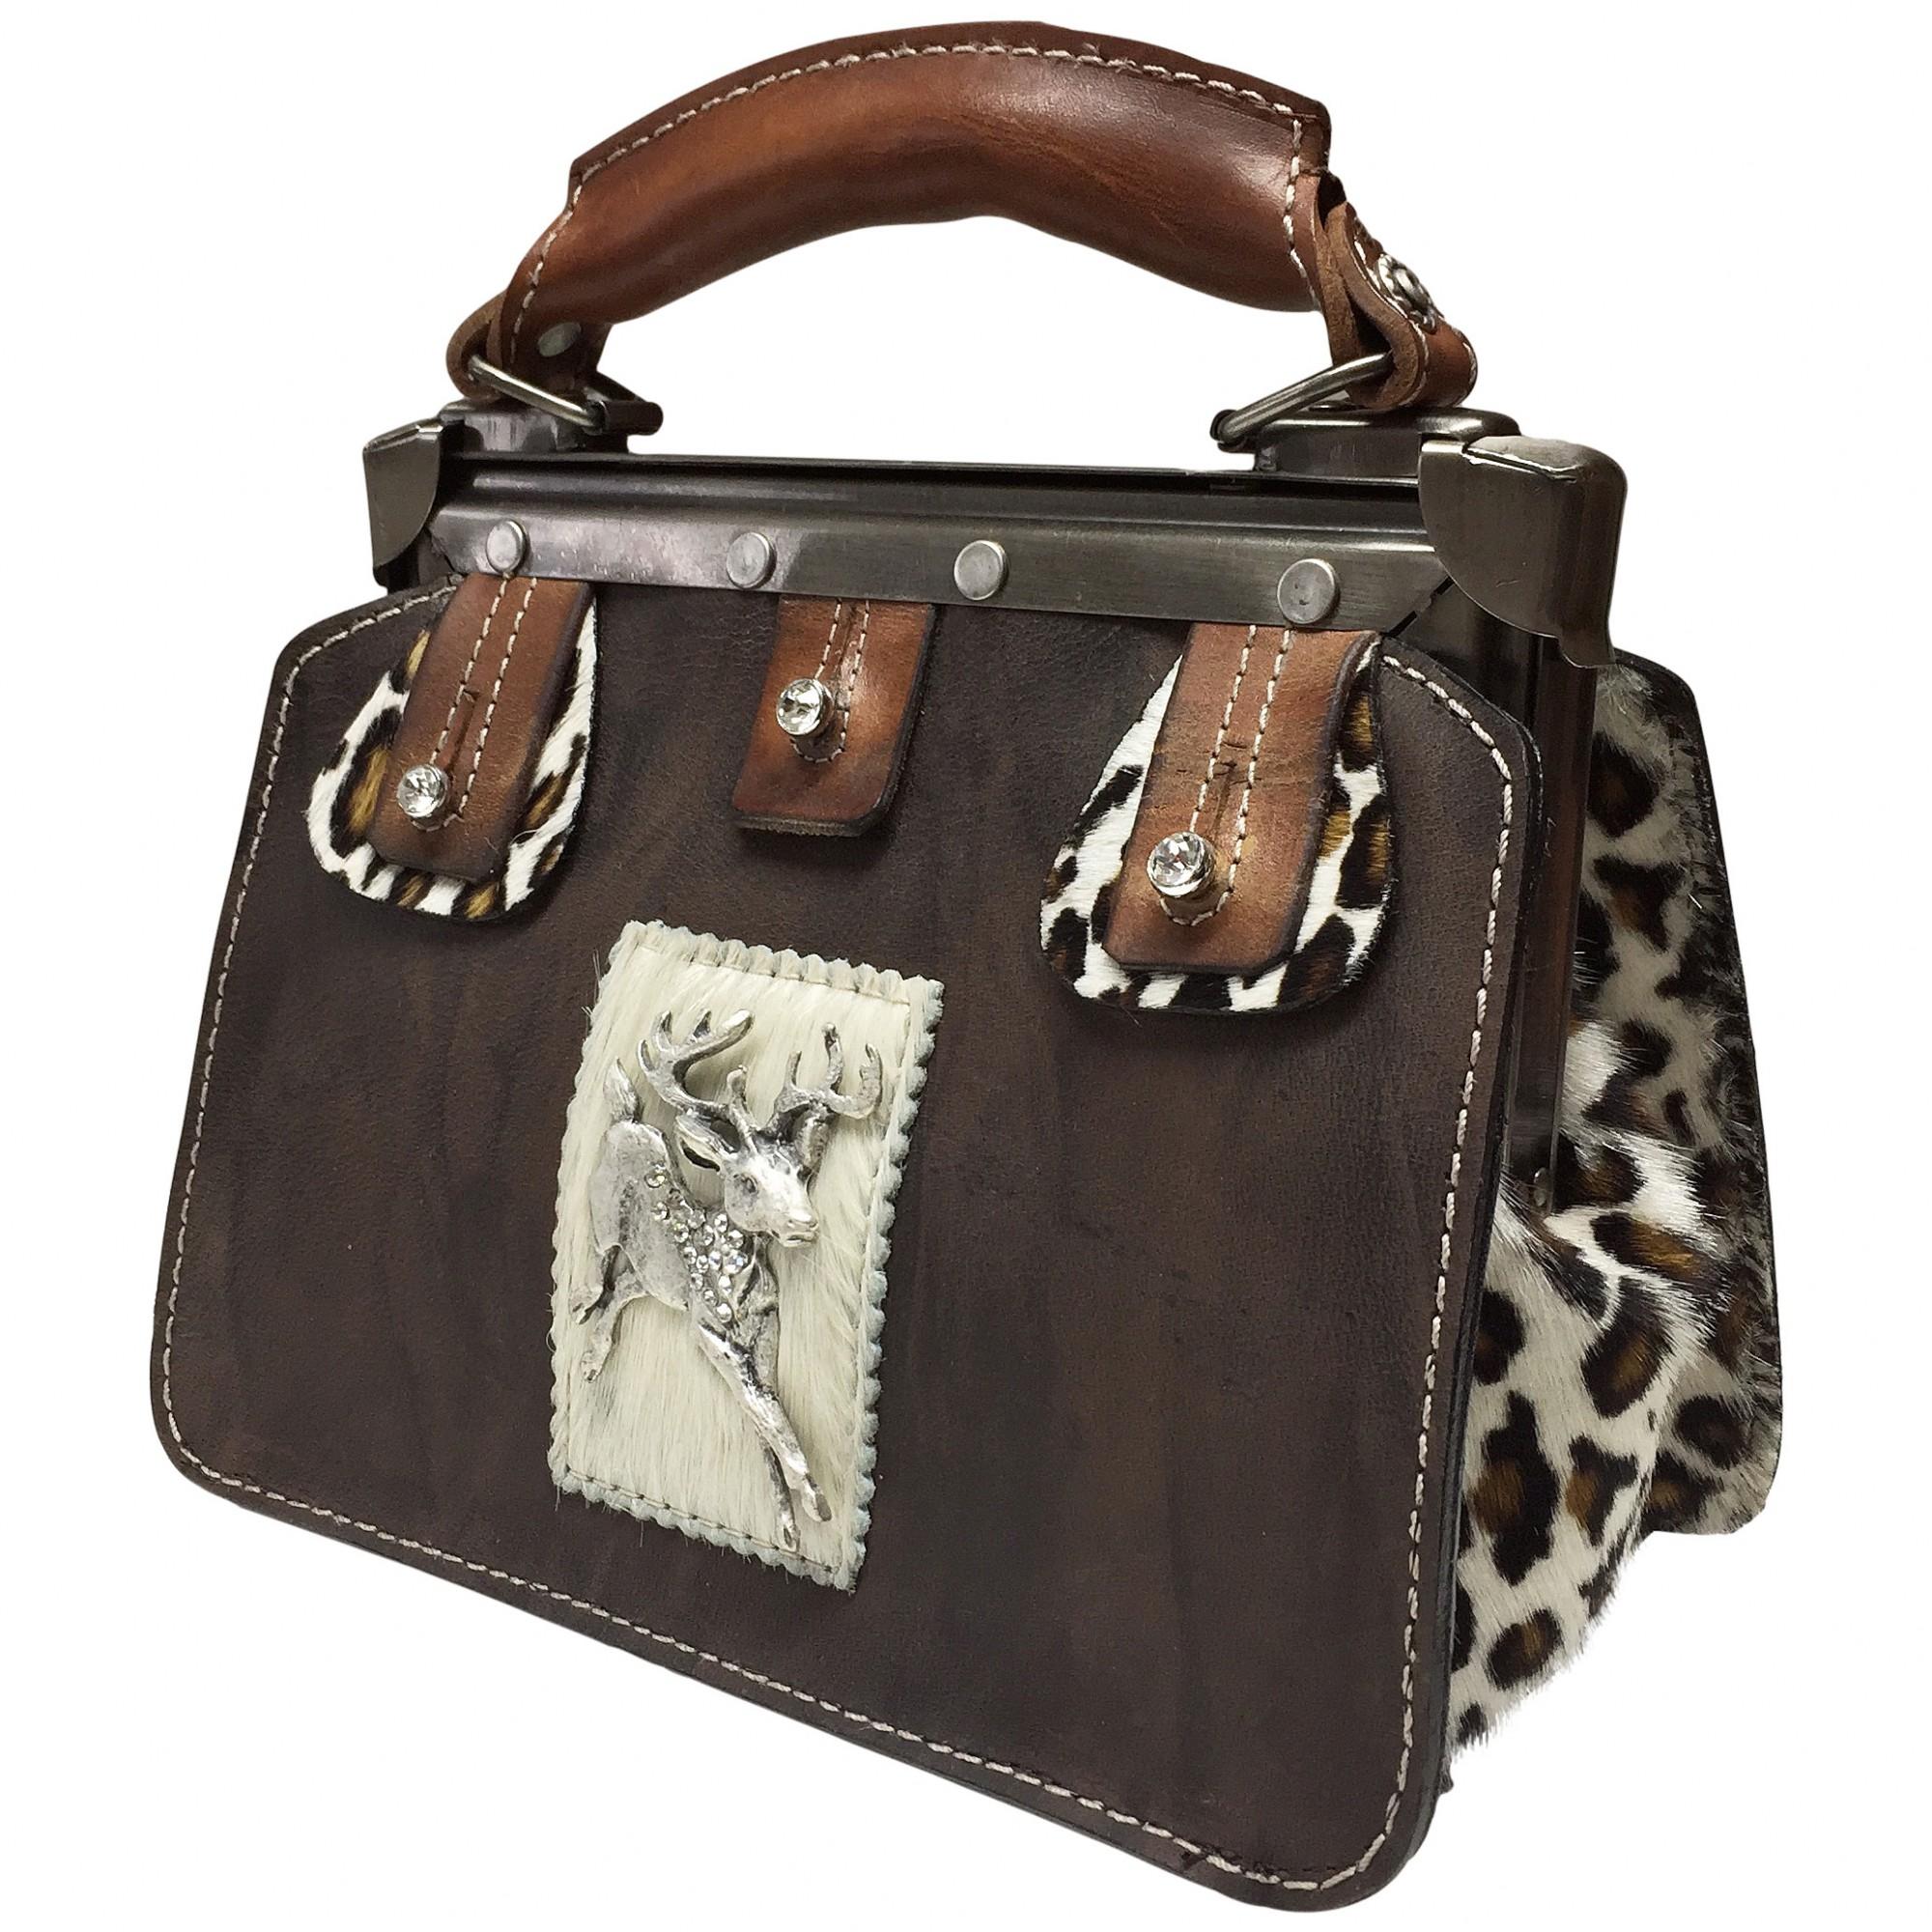 31979ffb026ba Trachtentasche Handtasche Trachten-Tasche versilbert Swarovski-Elements  Unikat!